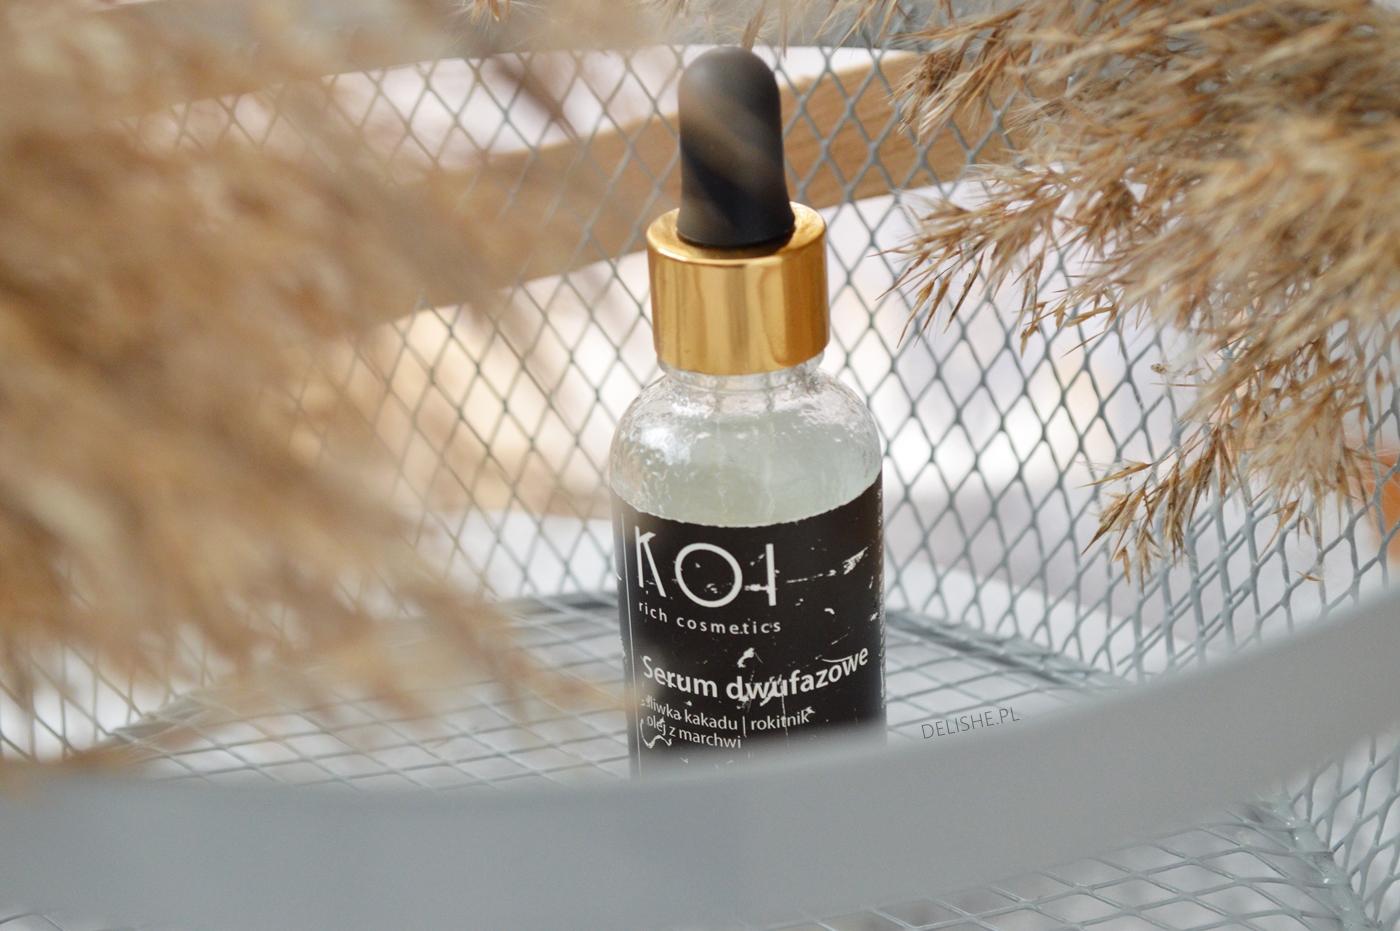 wieczorna pielęgnacja twarzy KOI Cosmetics serum